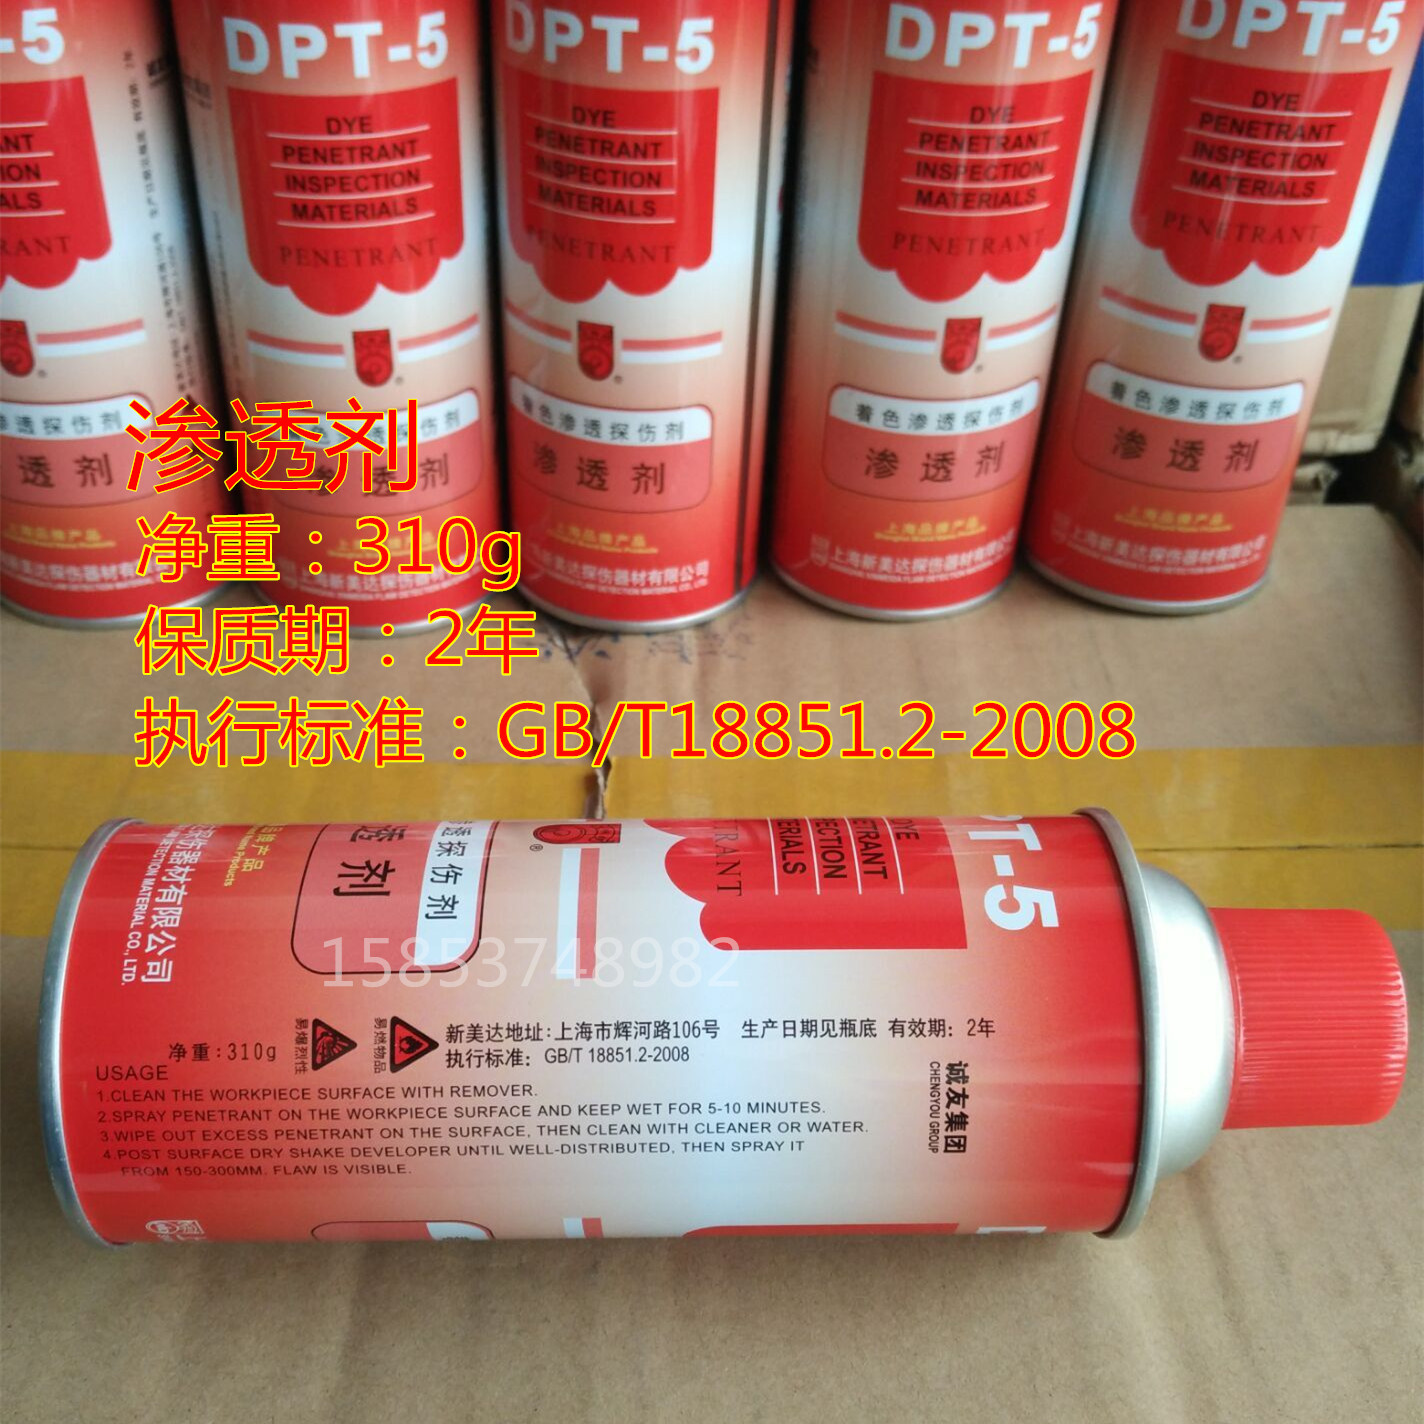 新美达DPT-5着色渗透探伤剂套装 显像剂/清洗剂/渗透剂原装正品